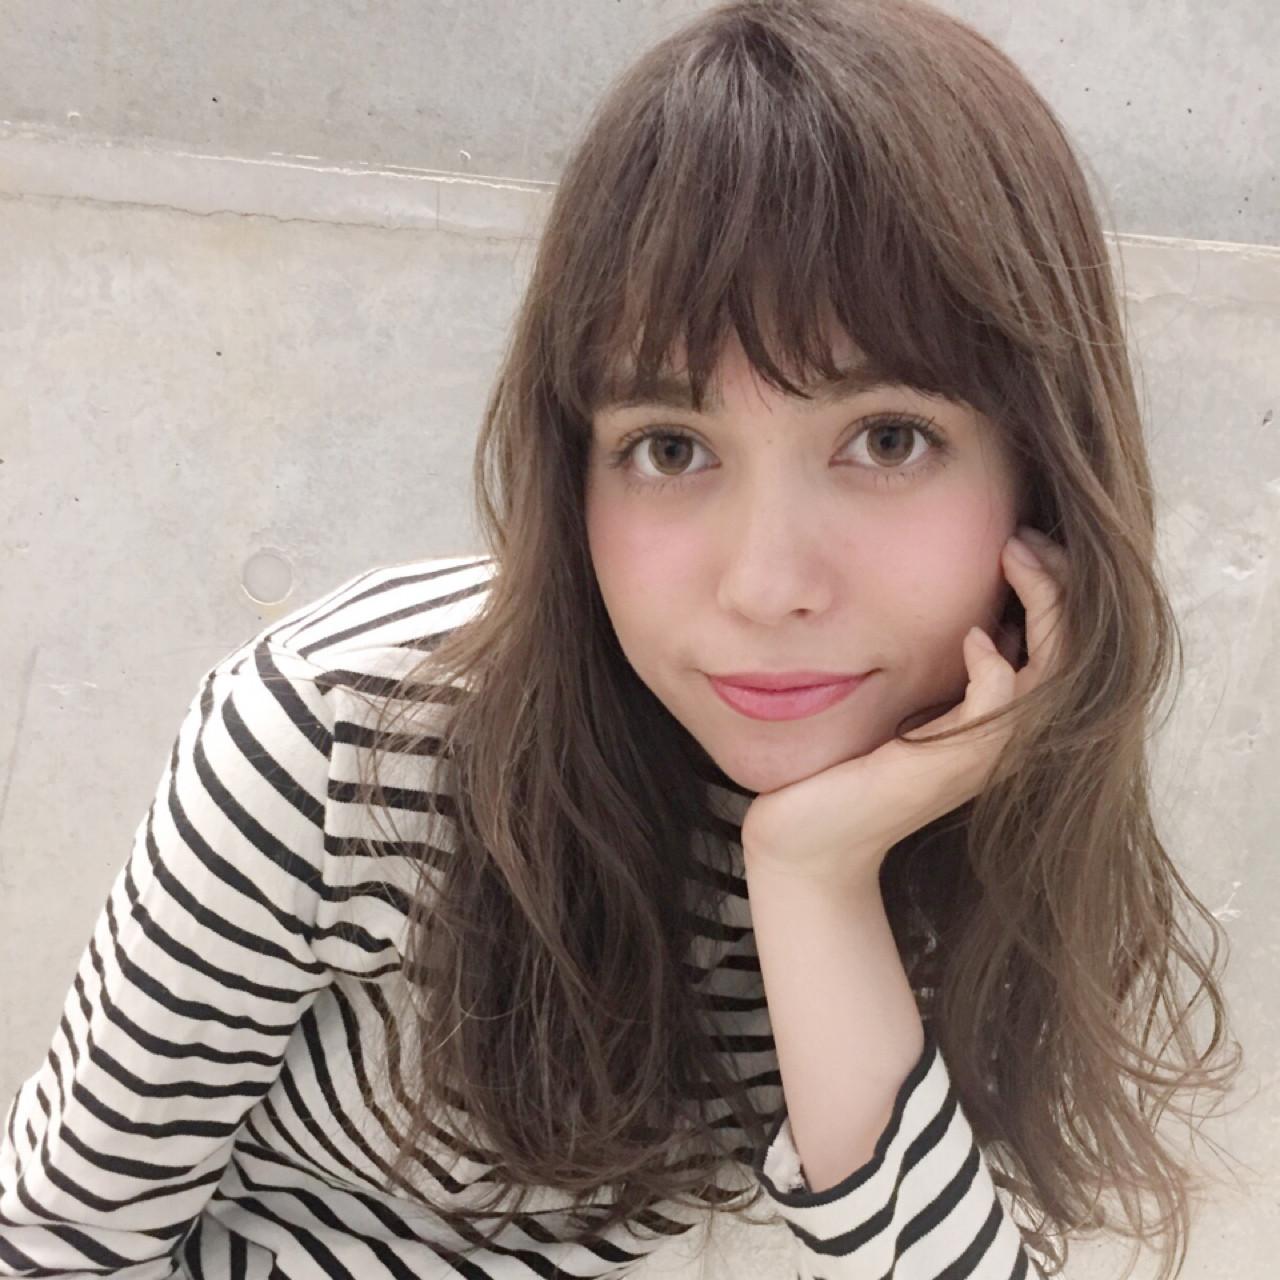 アッシュ ガーリー ハイライト ニュアンス ヘアスタイルや髪型の写真・画像 | 園田 雄史(YUSHI) / Cocoon